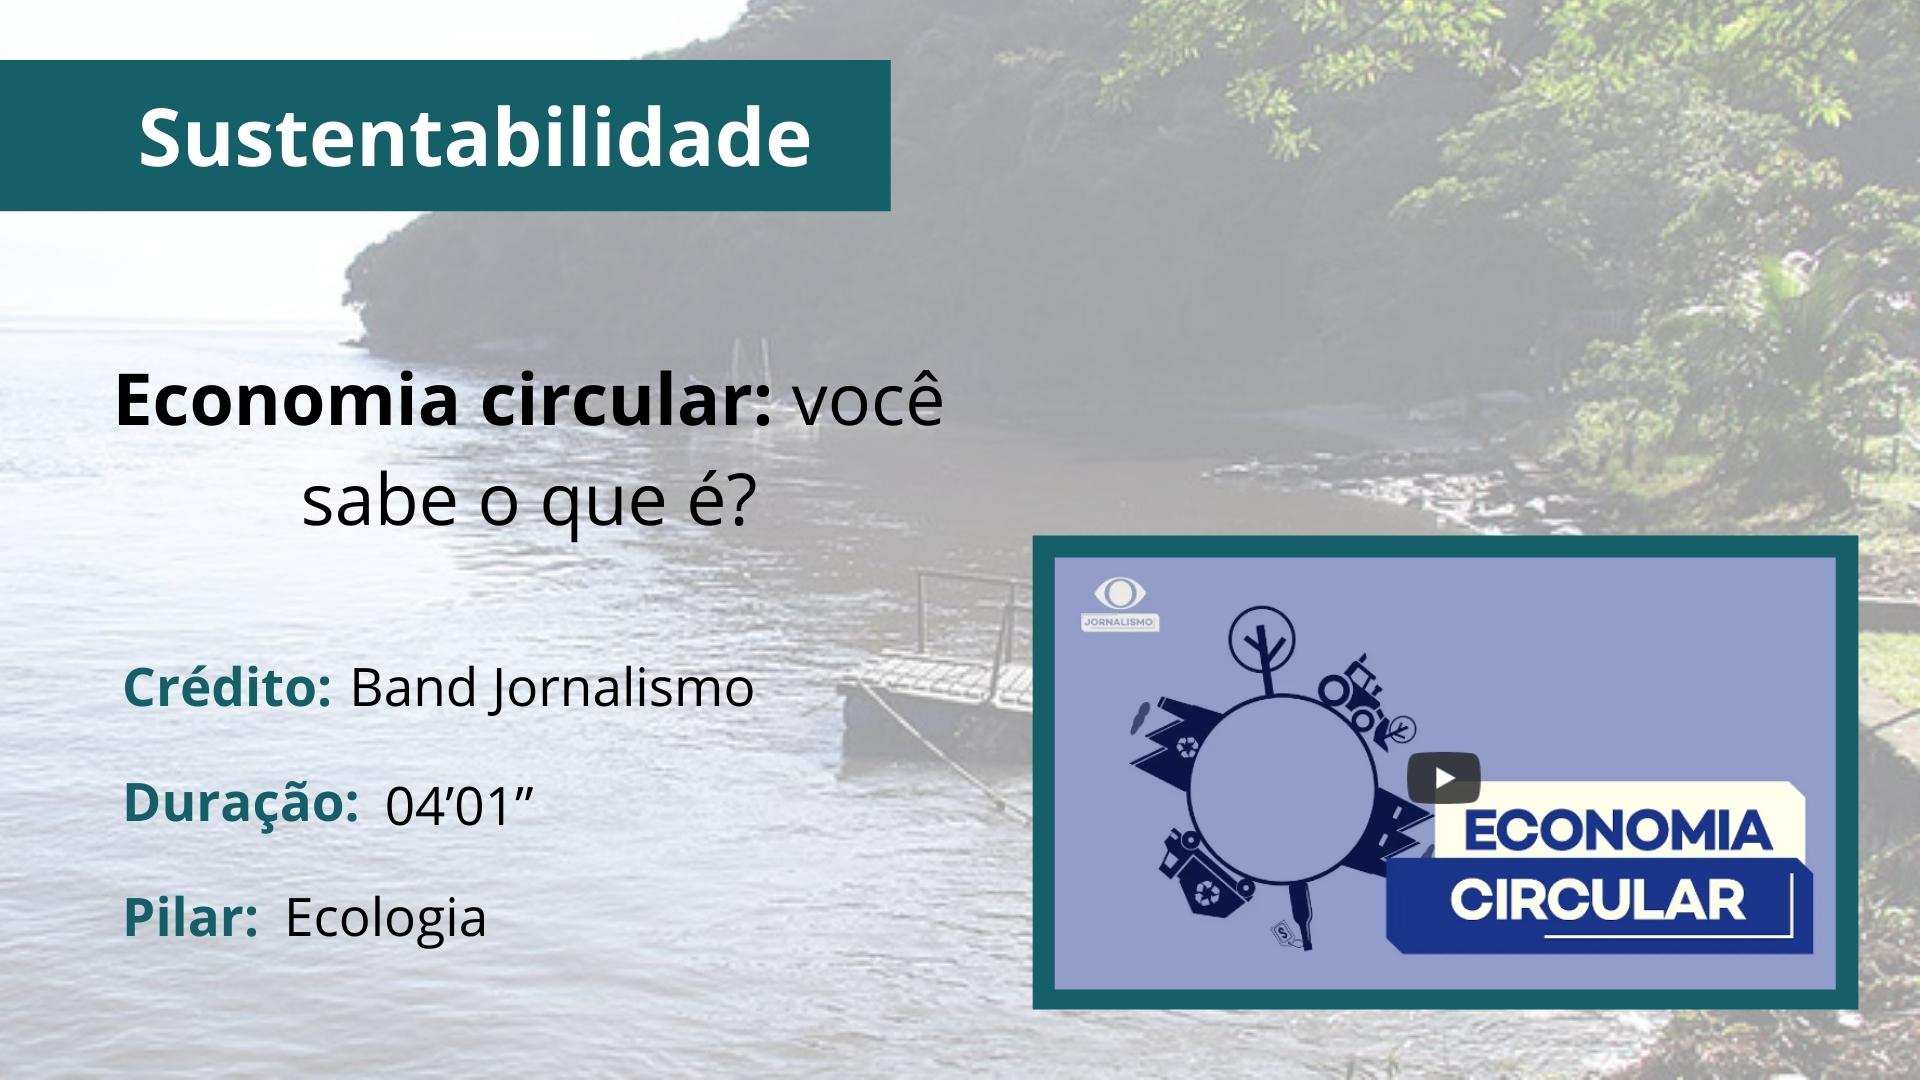 Economia circular: você sabe o que é?